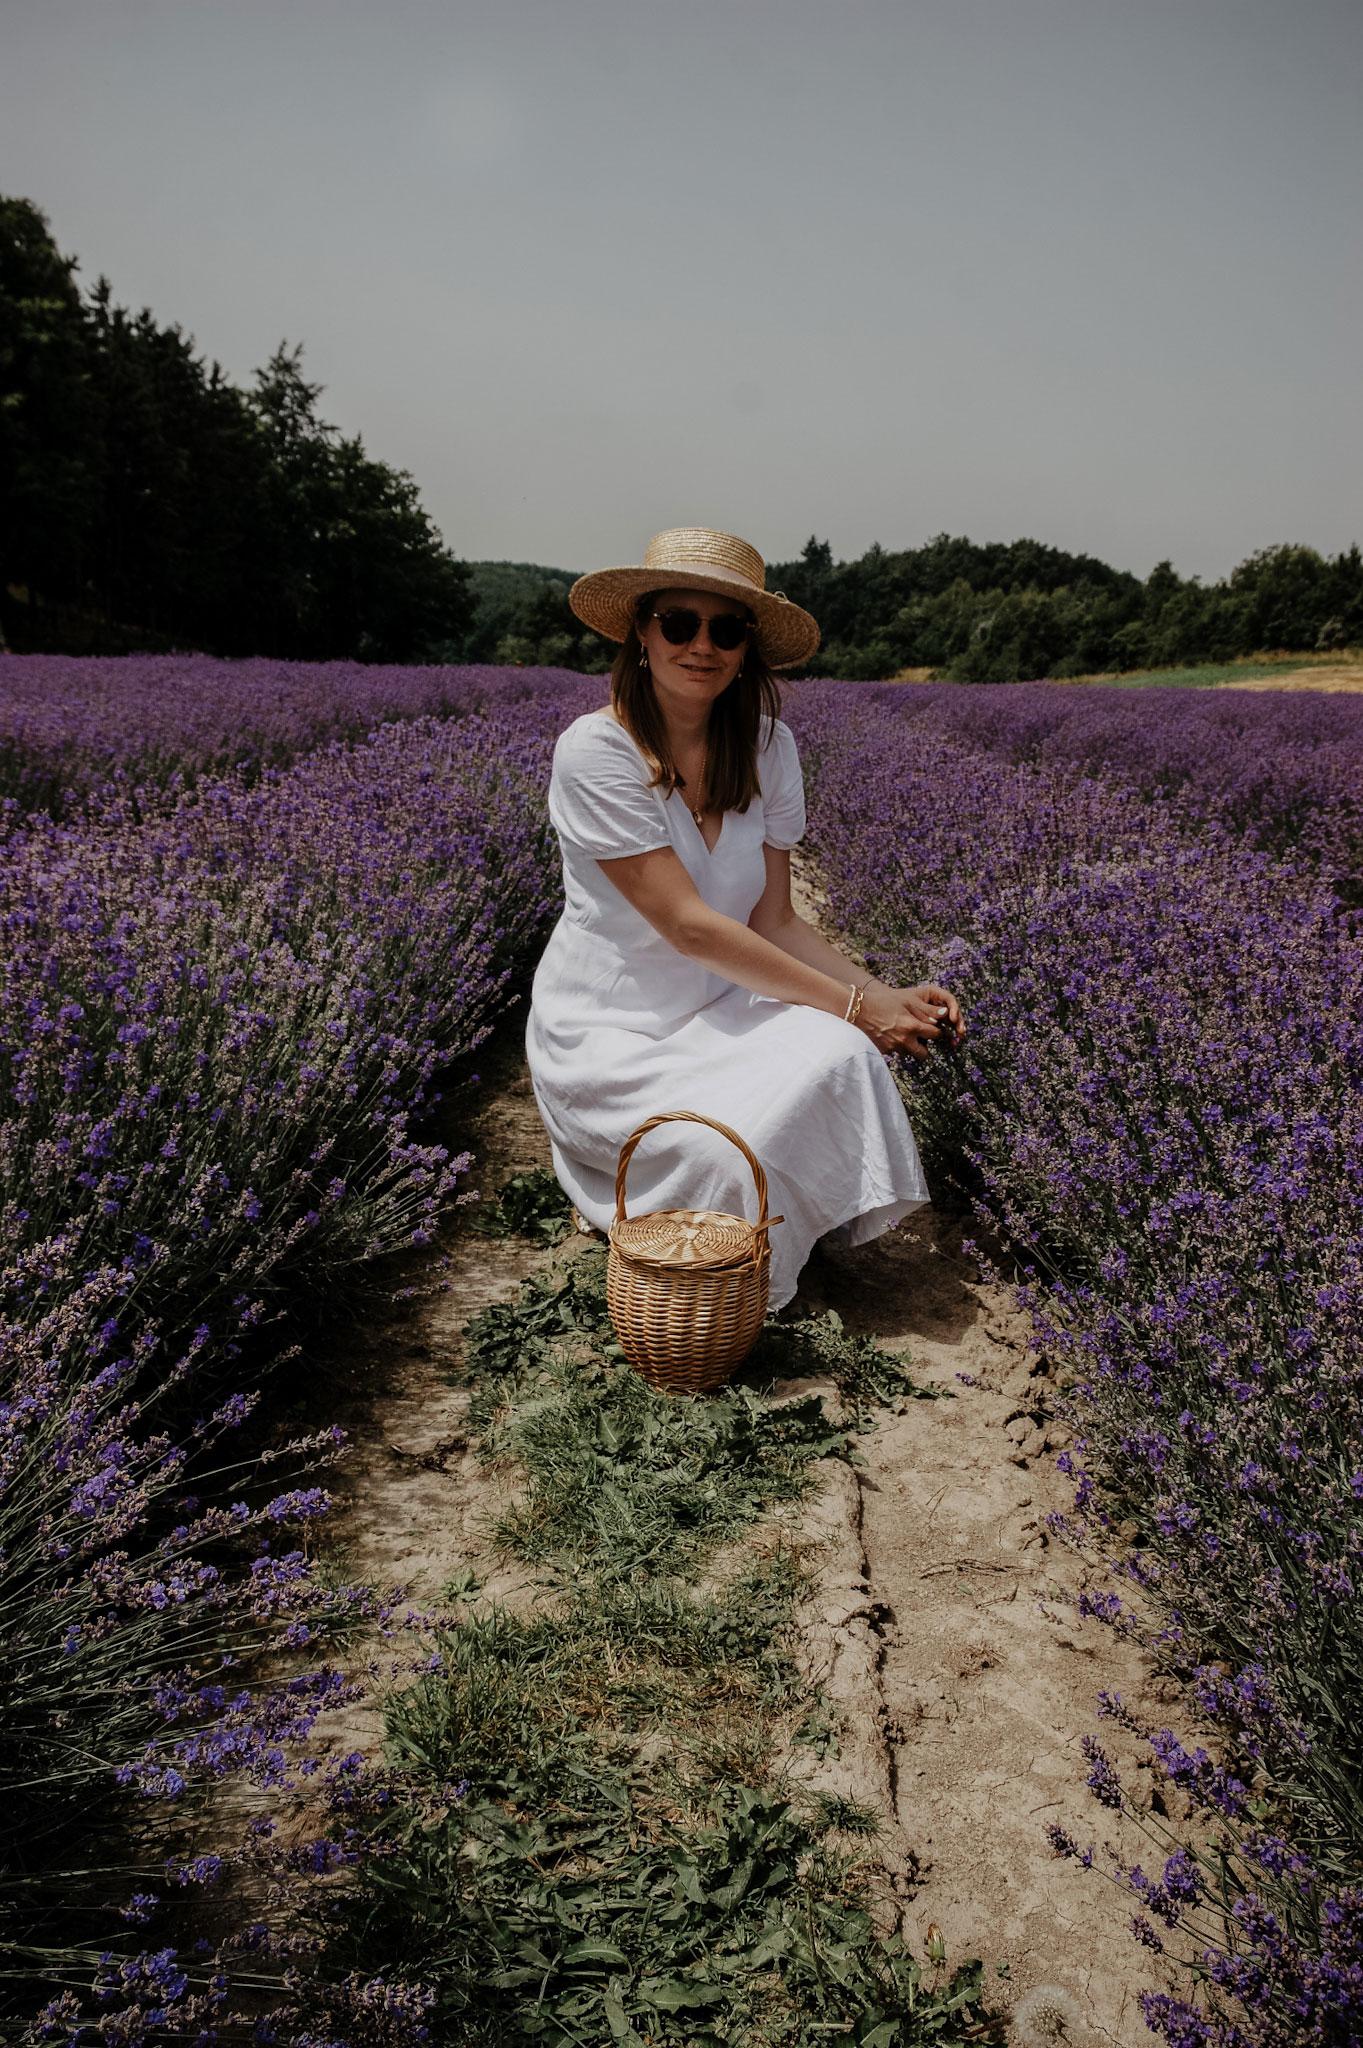 Lavendelfeld, Lavendel